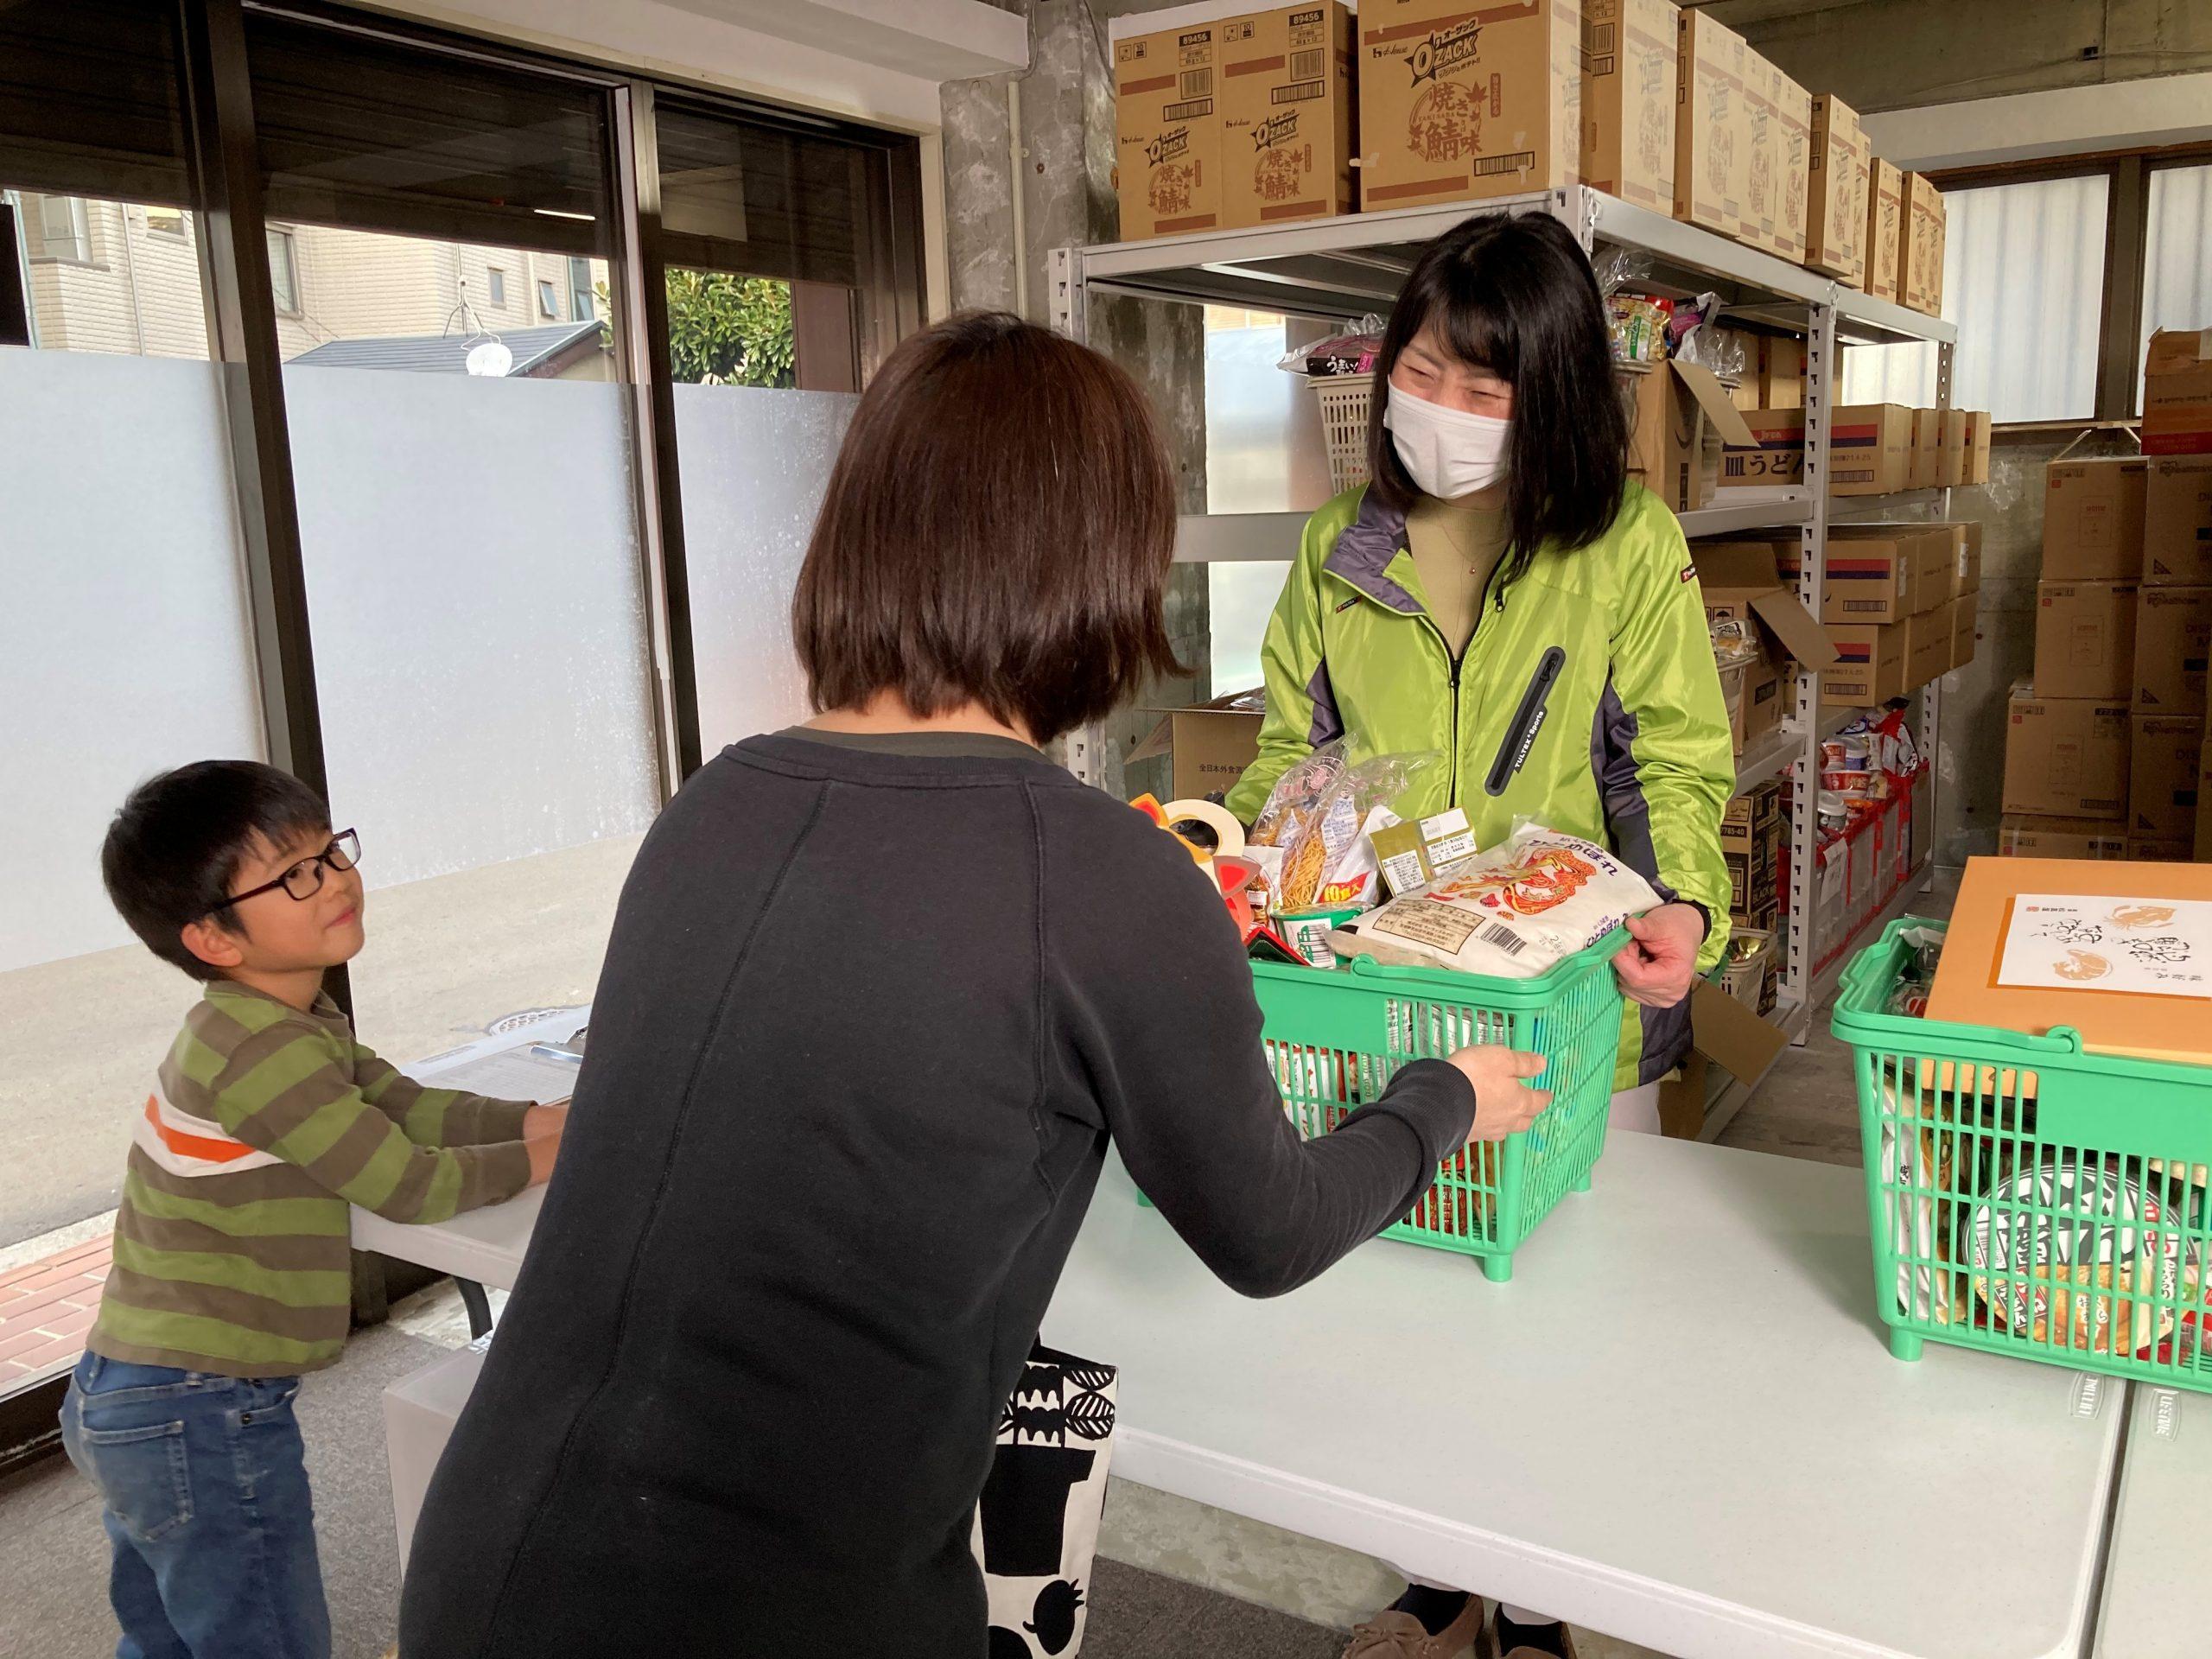 食品配布の拠点を拡大 ひとり親家庭のフードバンク